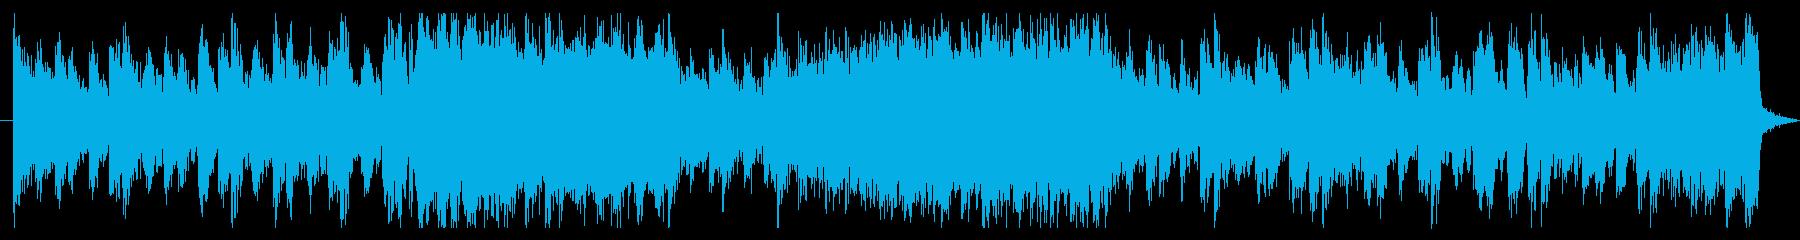 ストリングスメインの激しい戦闘曲の再生済みの波形